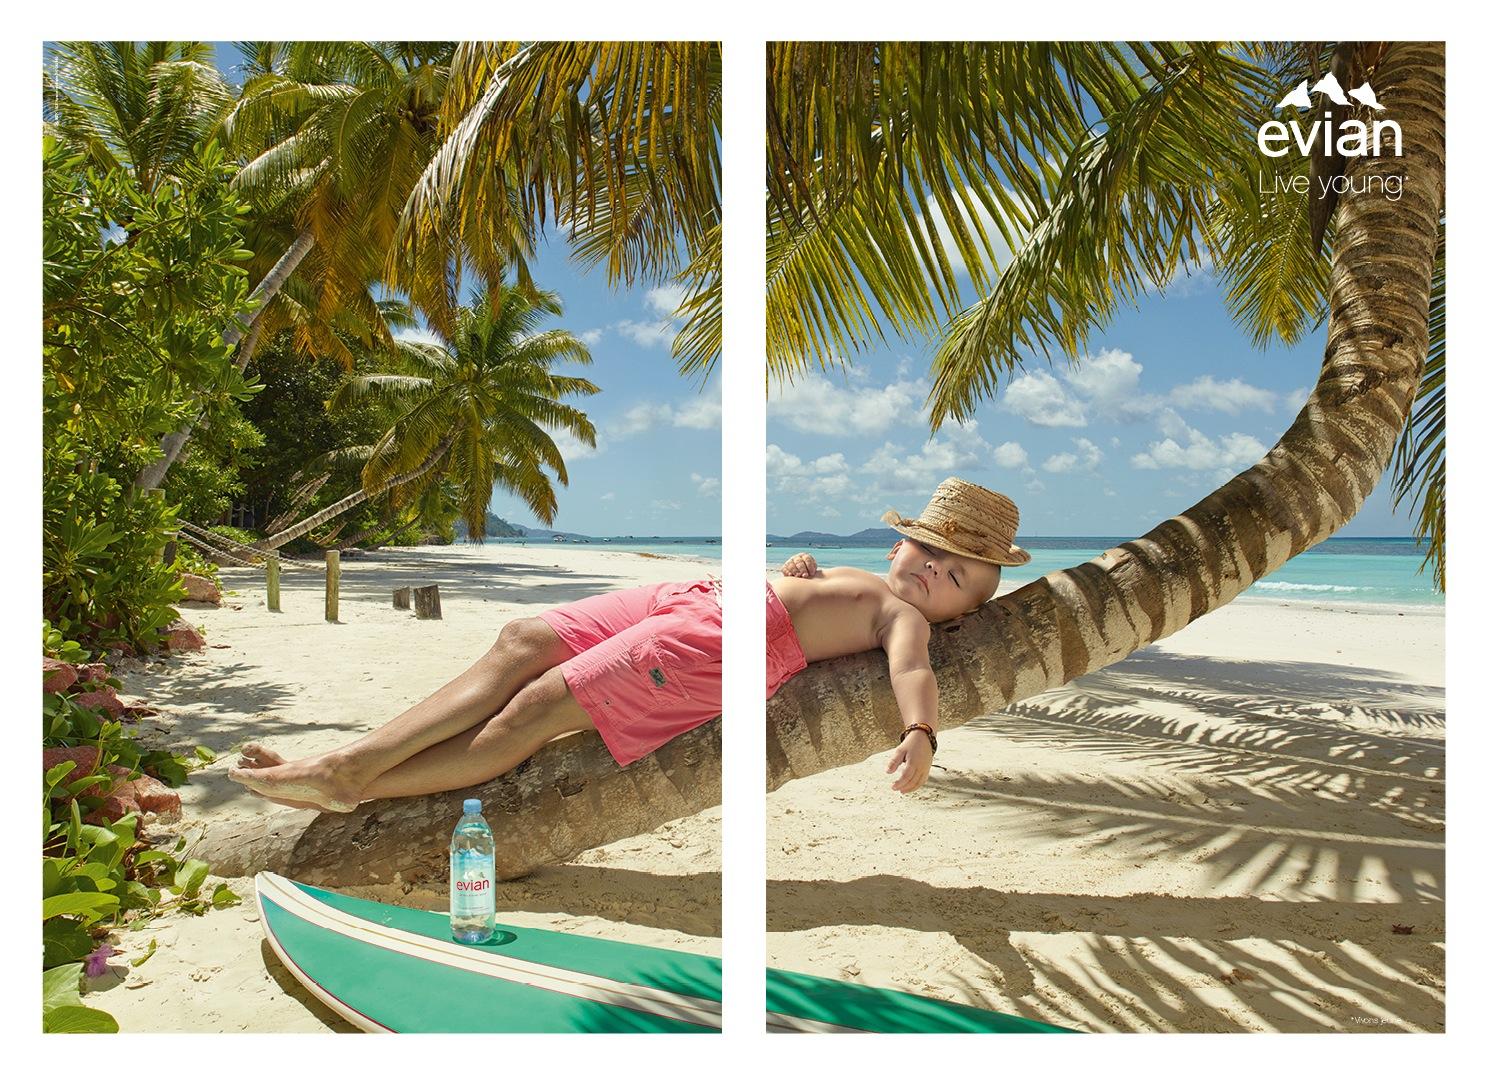 evian-vivons-jeune-homme-dort-tronc-palmier-sieste